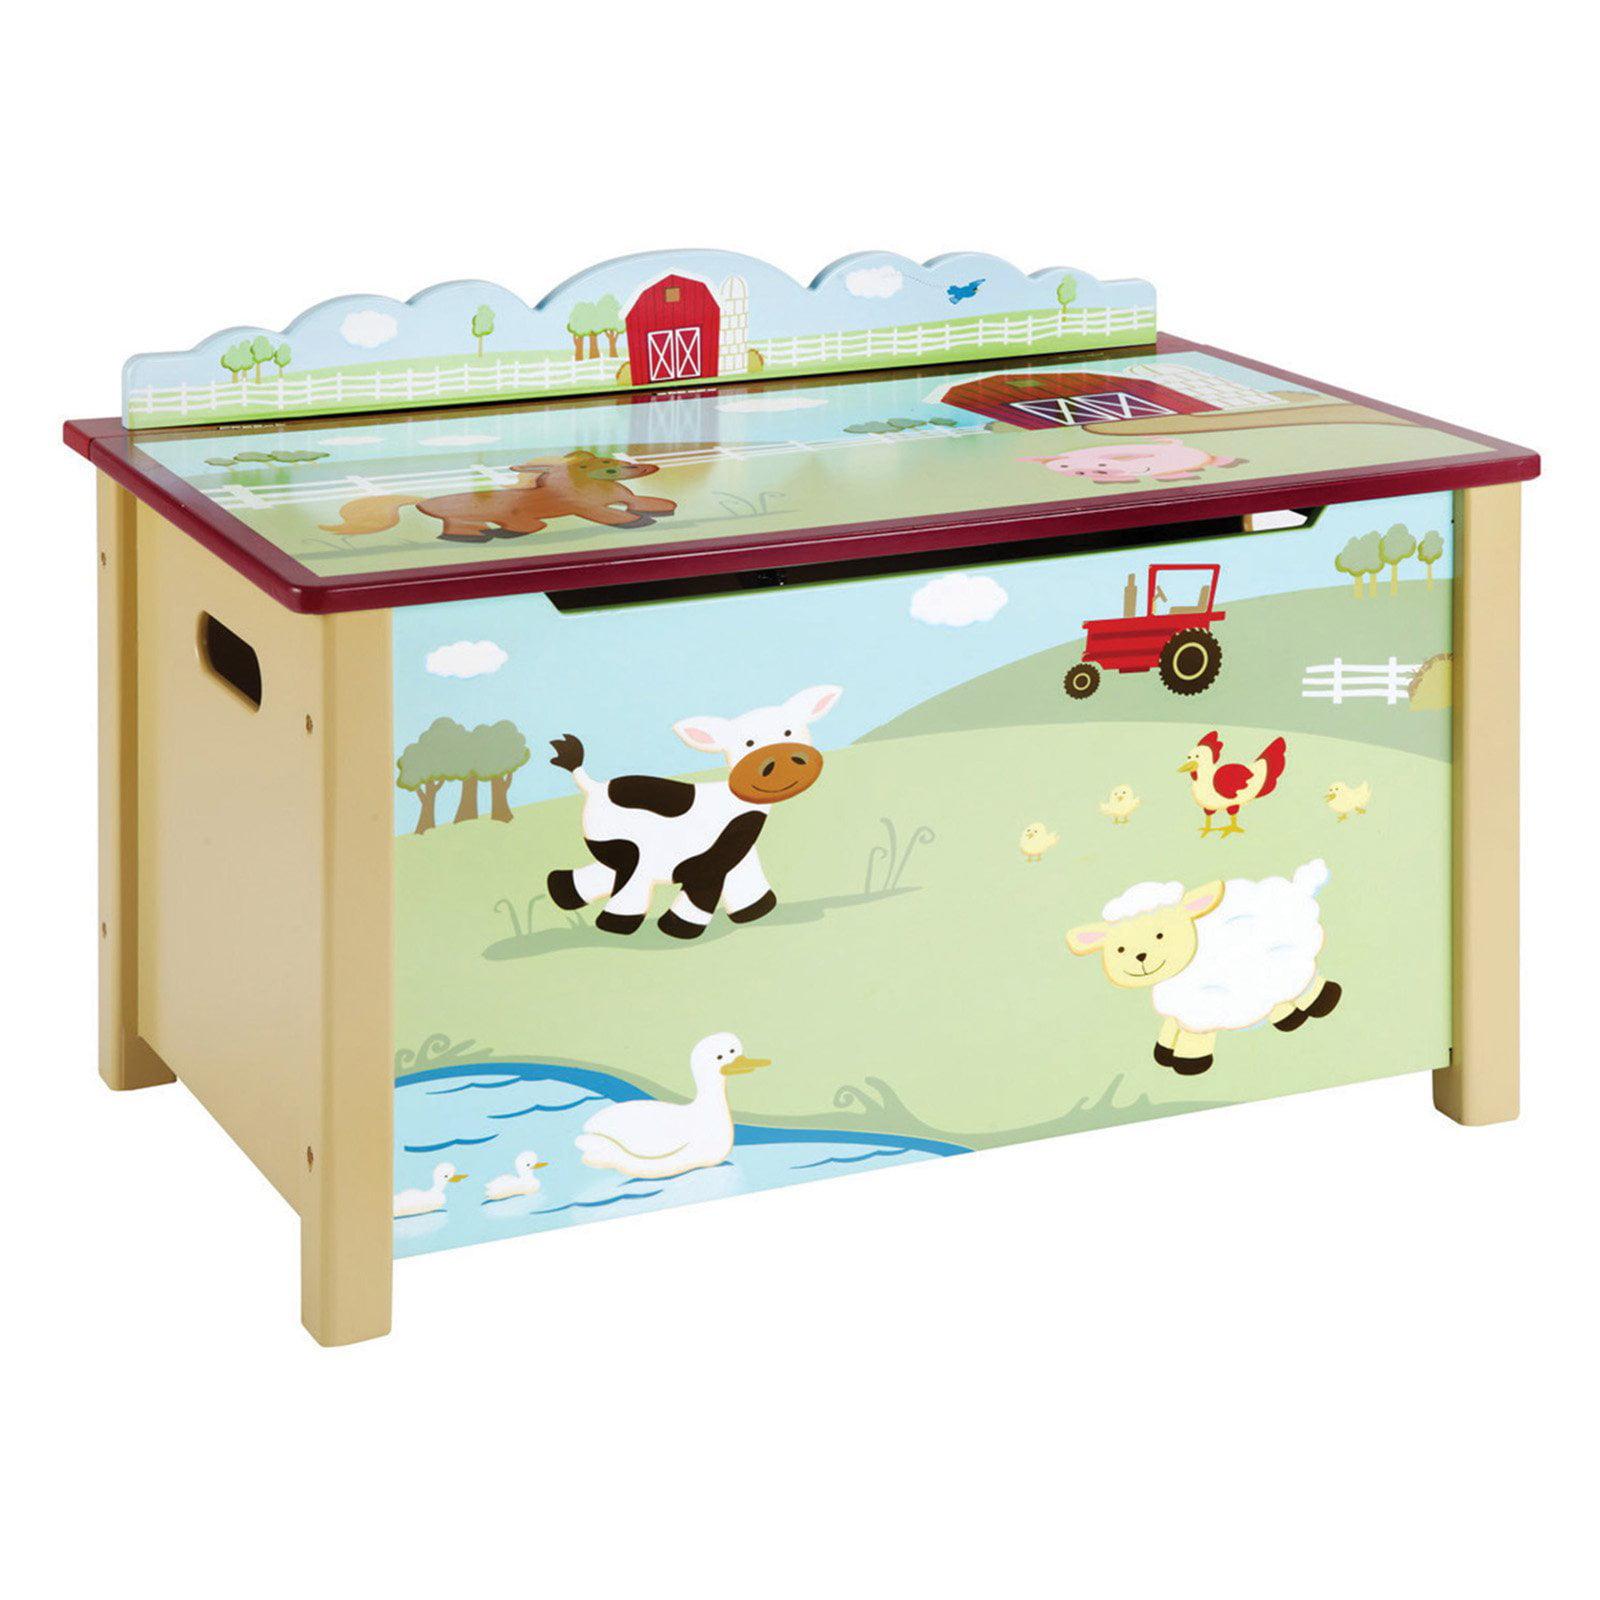 Guidecraft Farm Friends Toy Box, Green